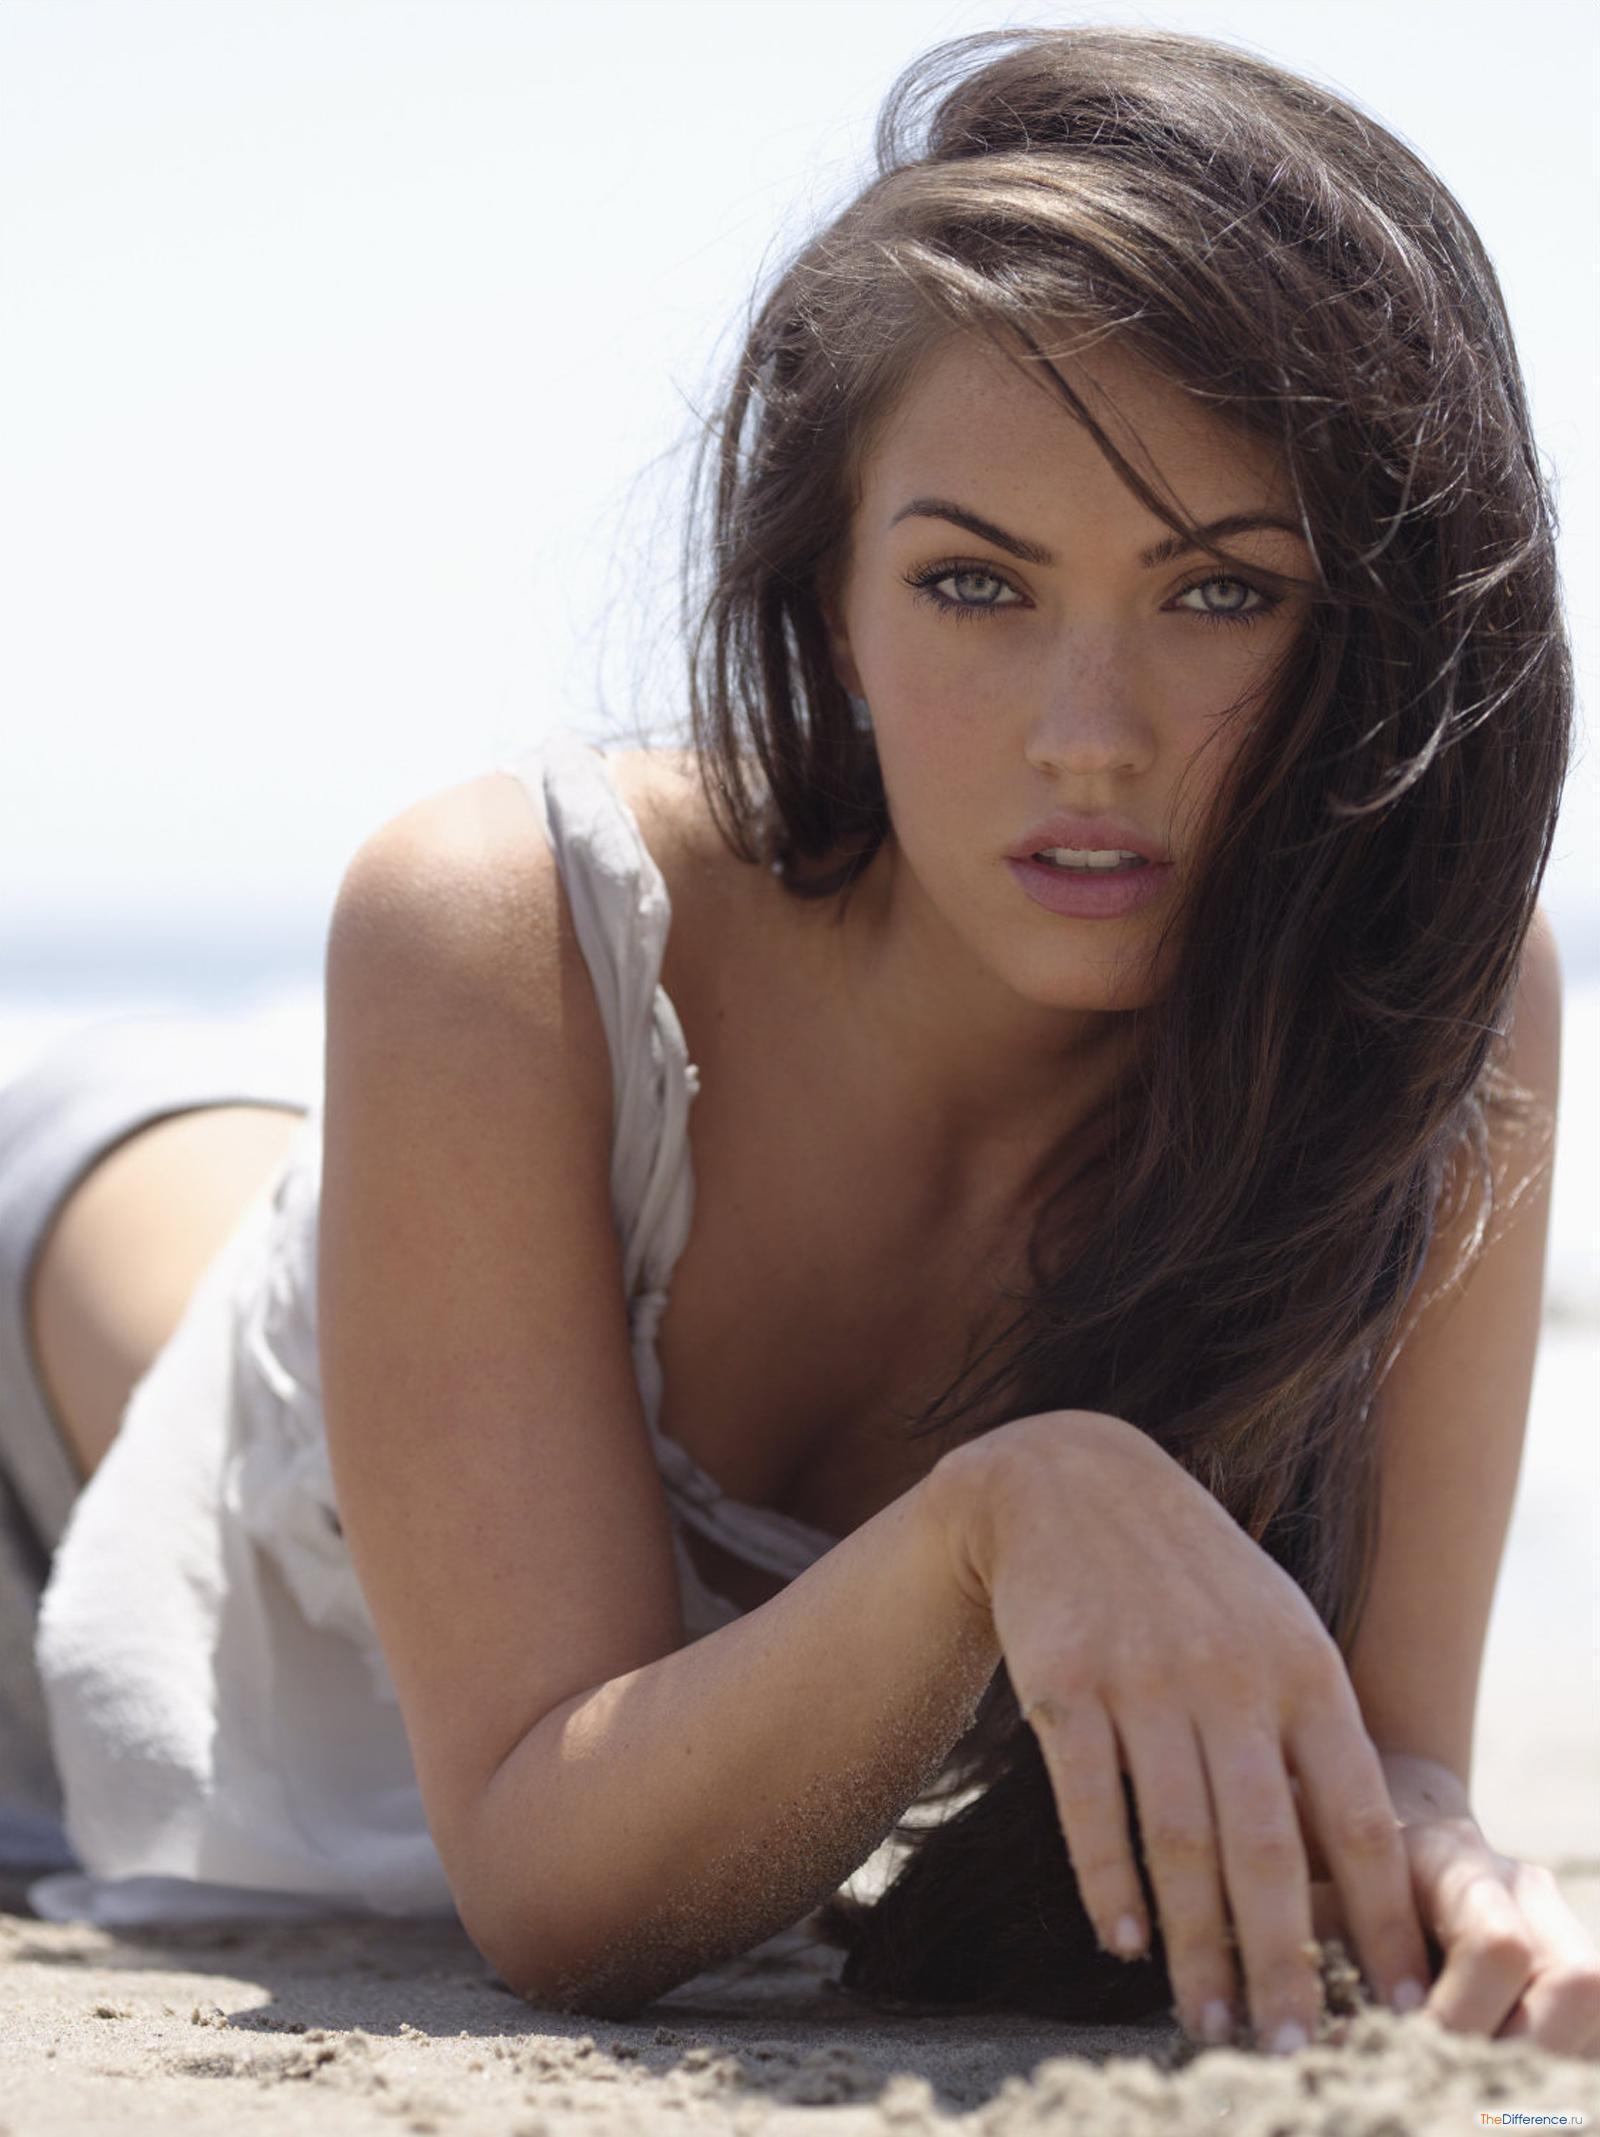 Фото одной и тоже девушке красивой с именем брюнетка 3 фотография